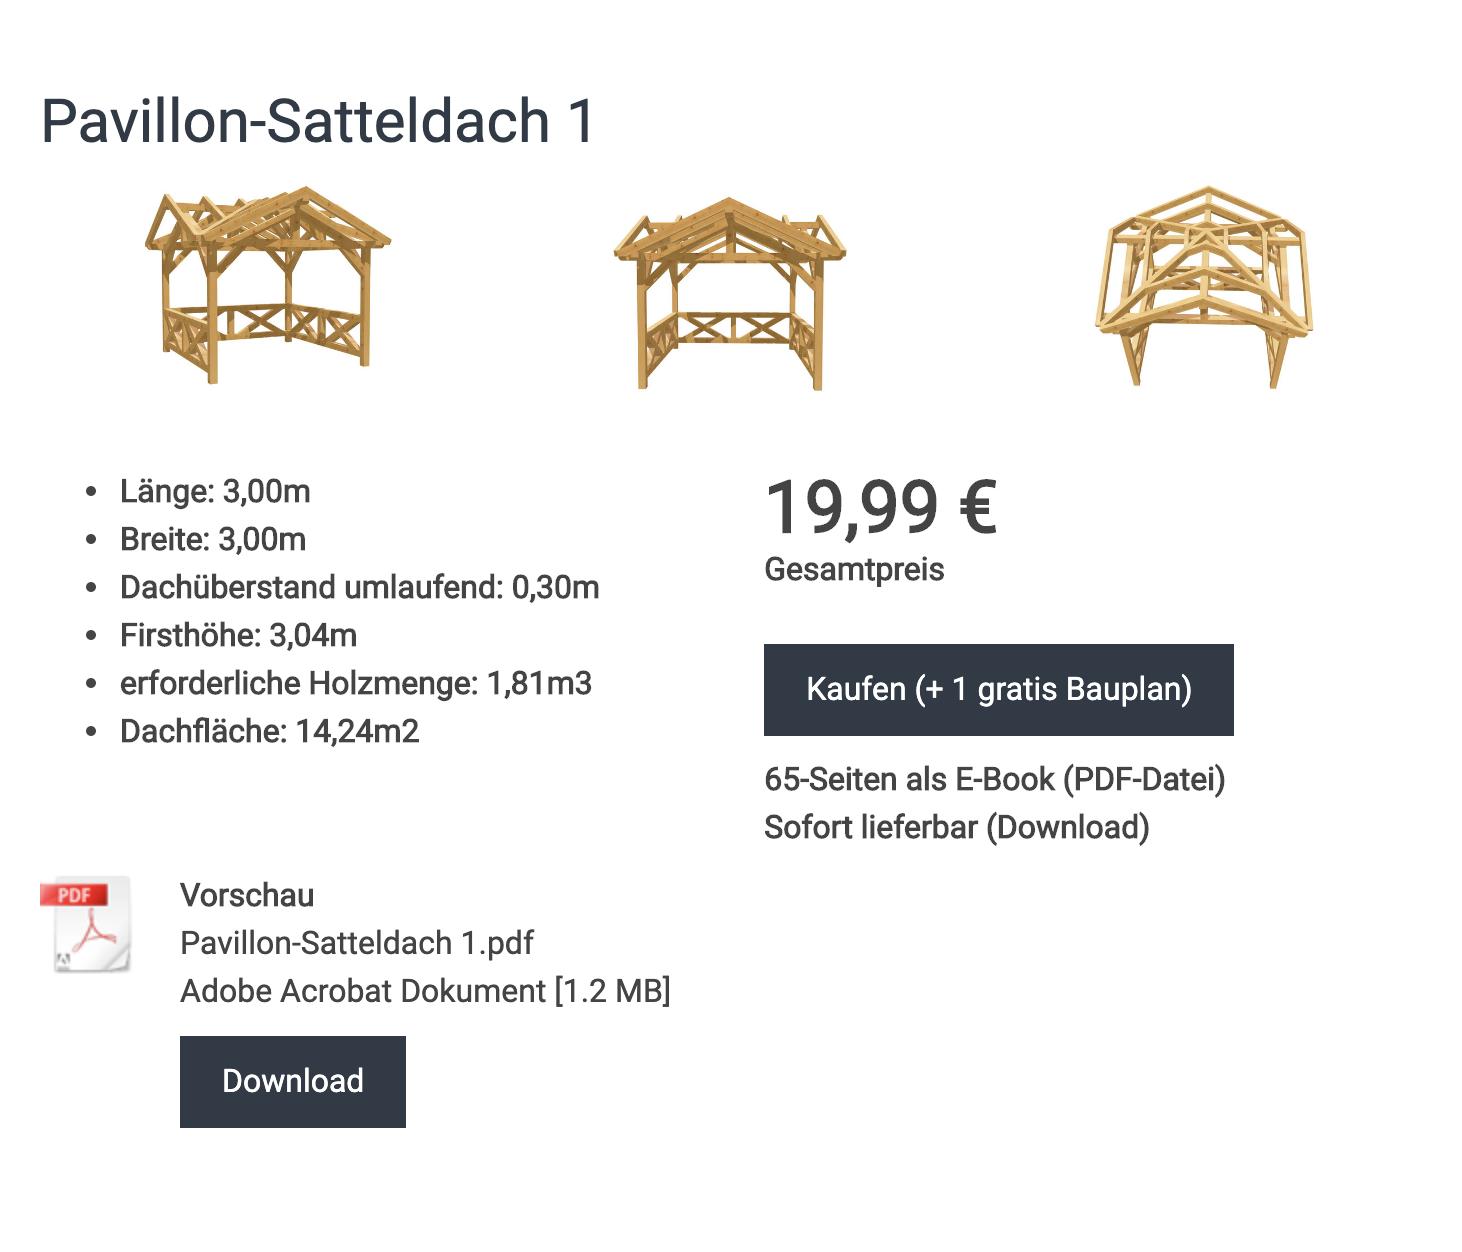 Bauplan_Pavillon_Satteldach_1